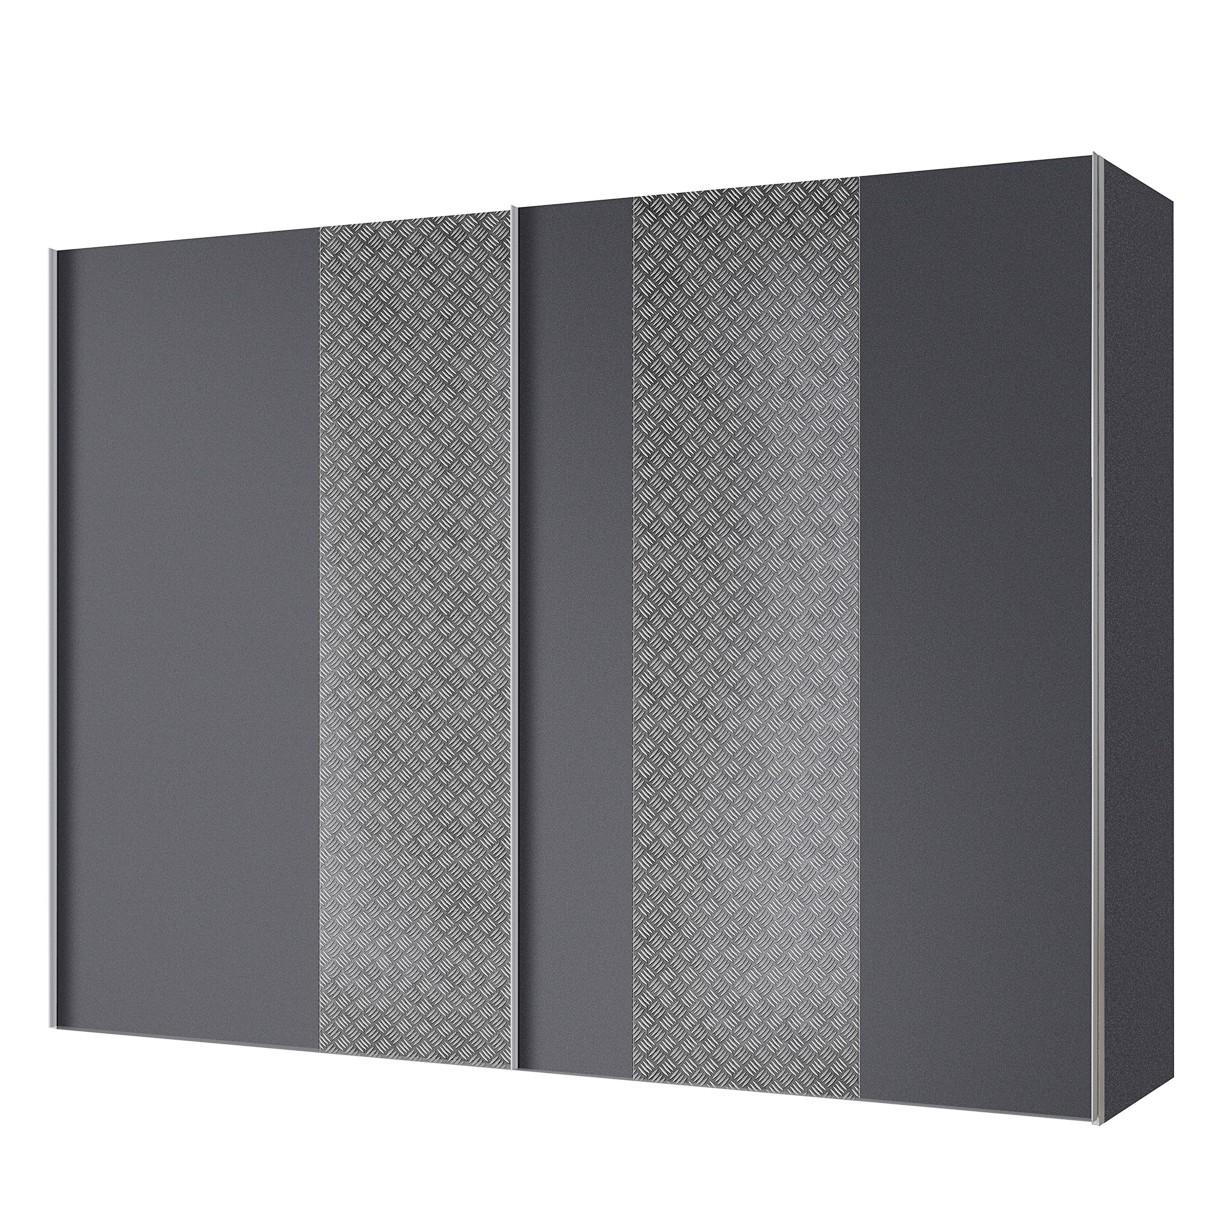 Armoire à portes coulissantes Cando - Gris / Graphite - 300 cm (2 portes), Express Möbel